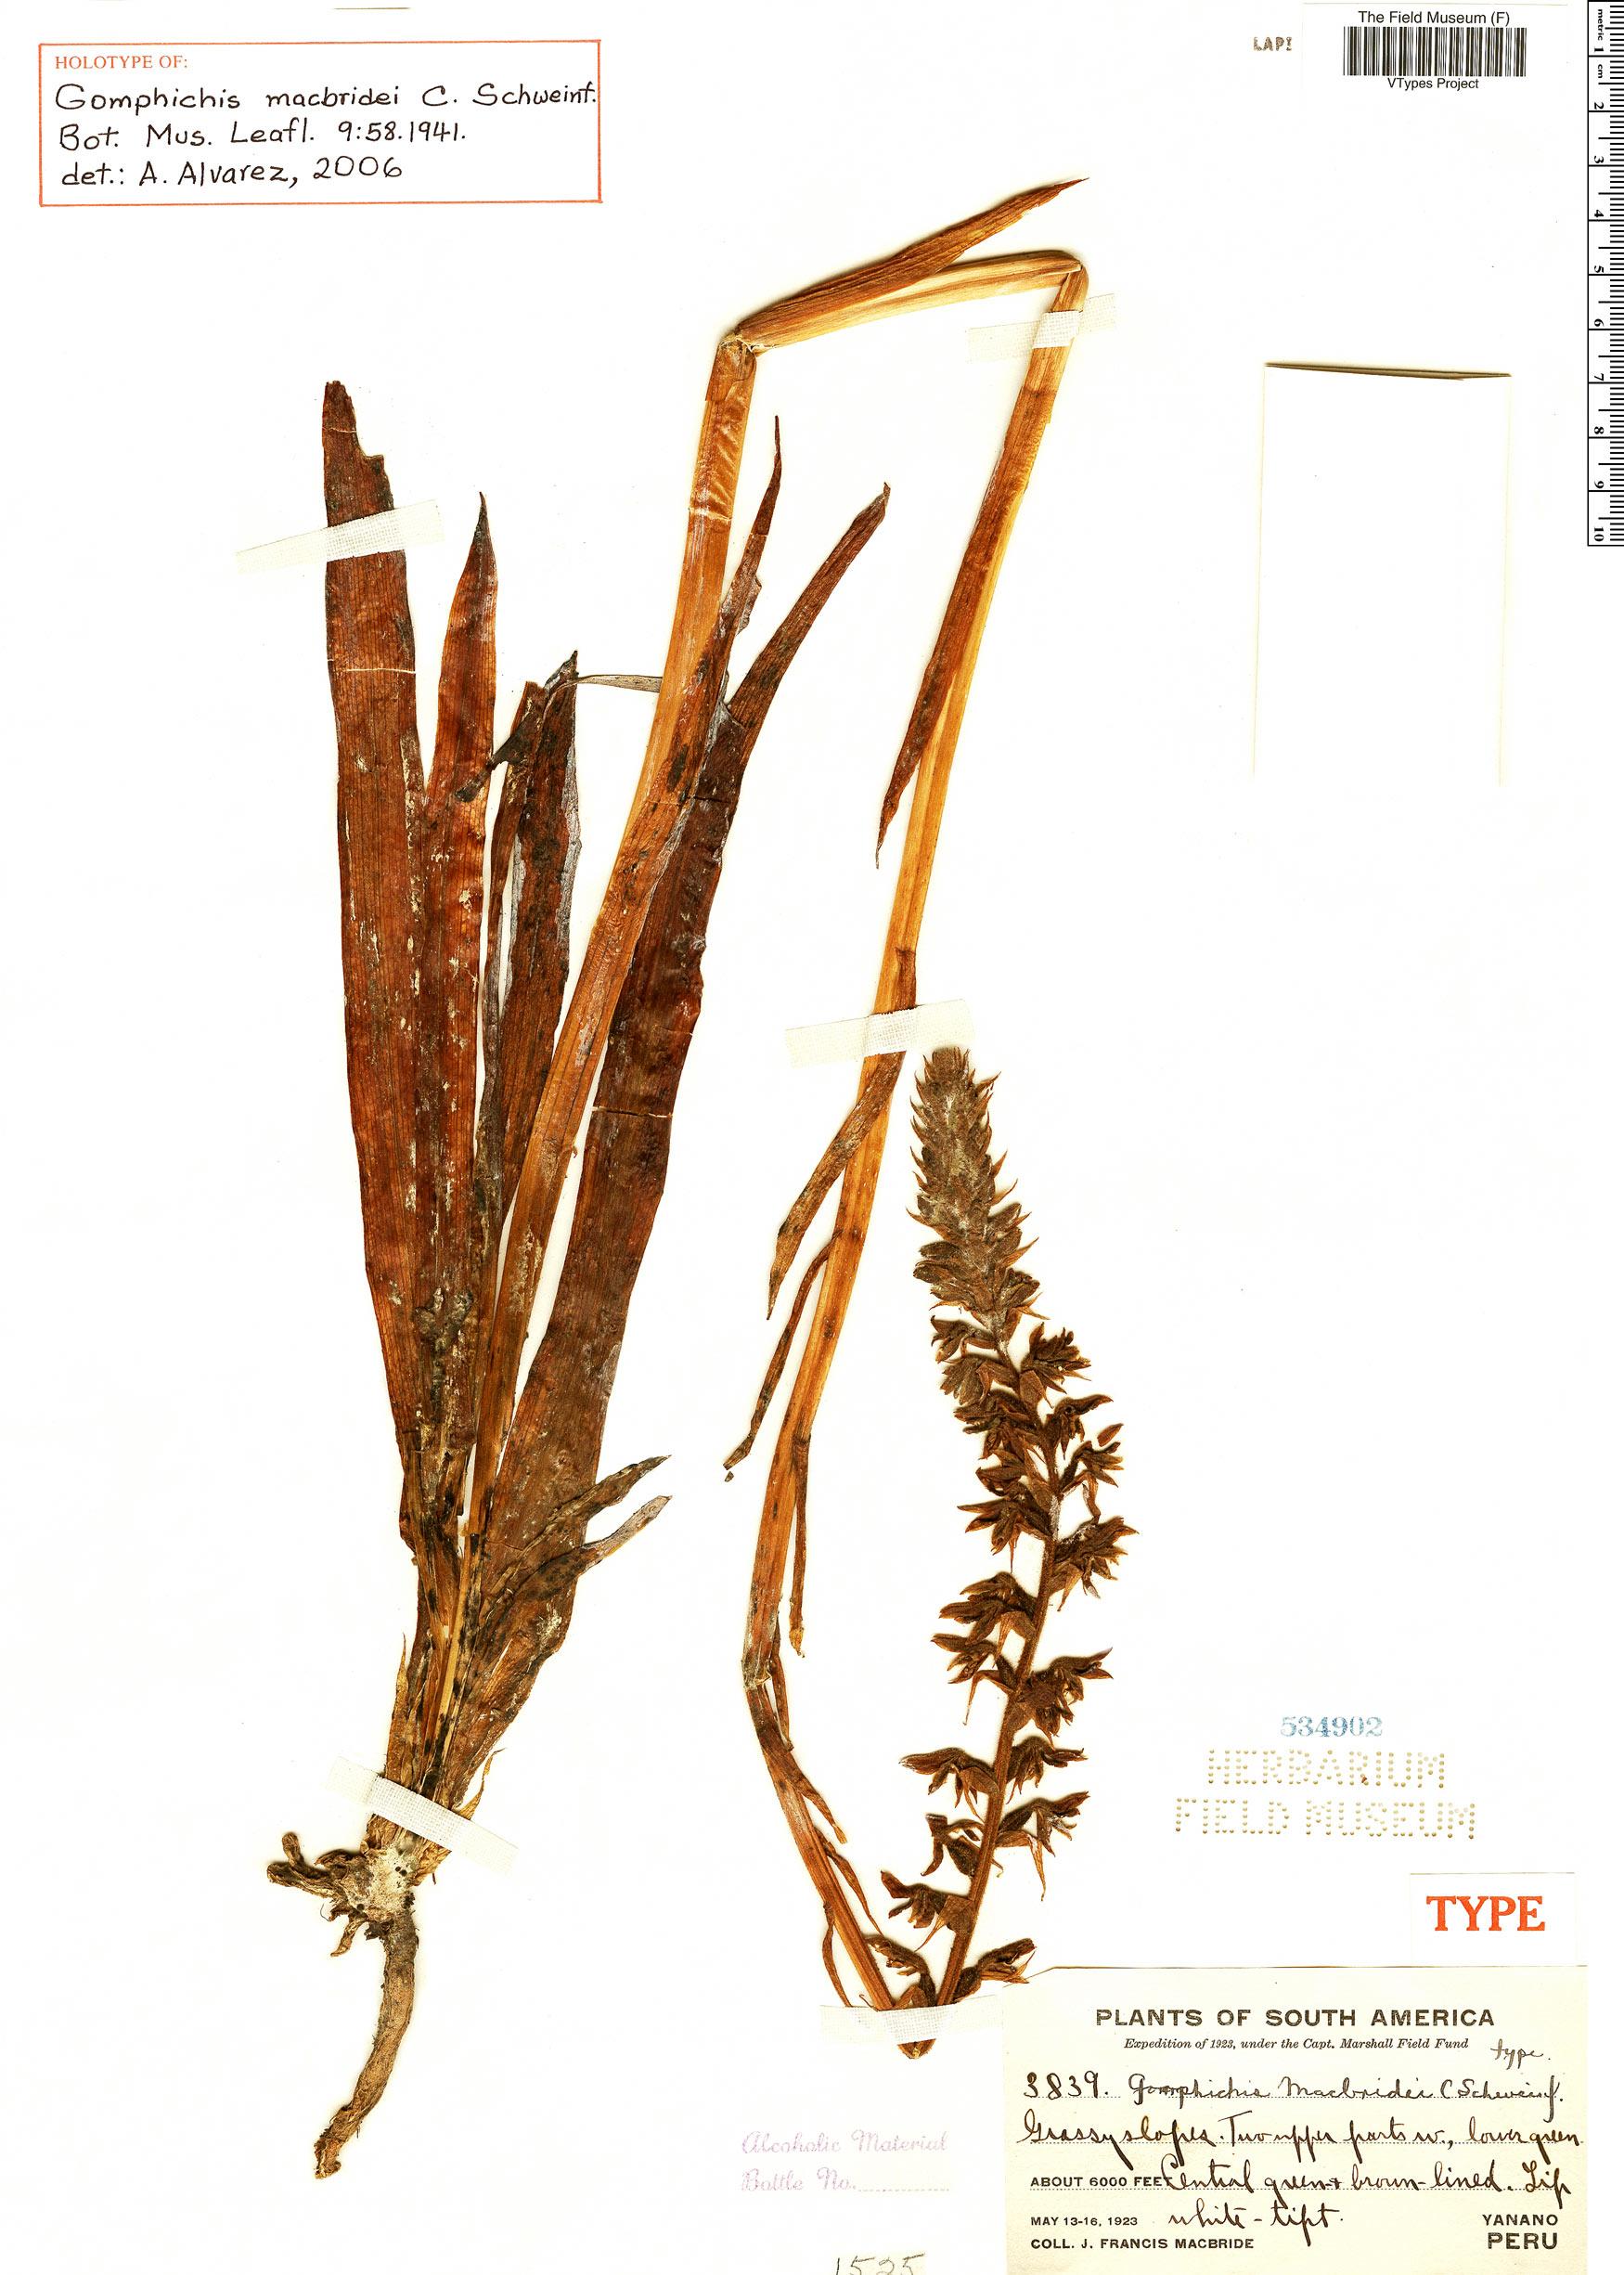 Specimen: Gomphichis macbridei